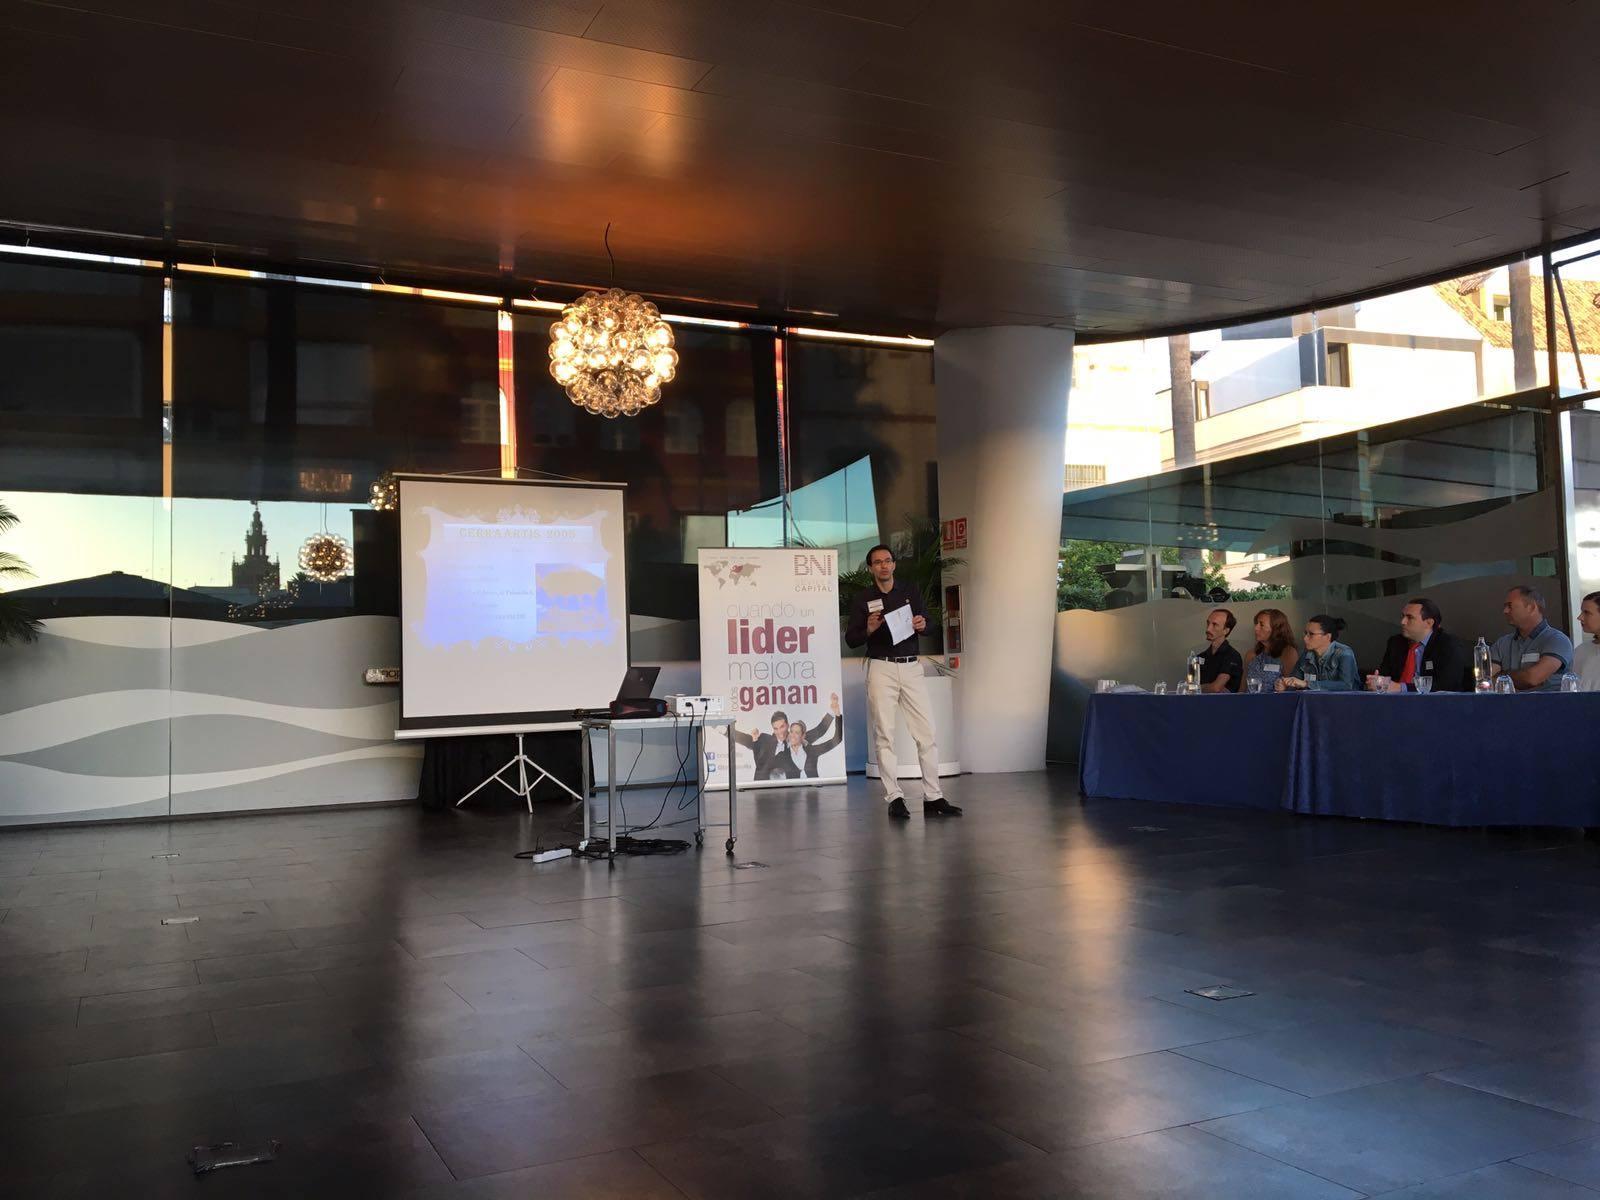 2017-06-29 BNI Presentación